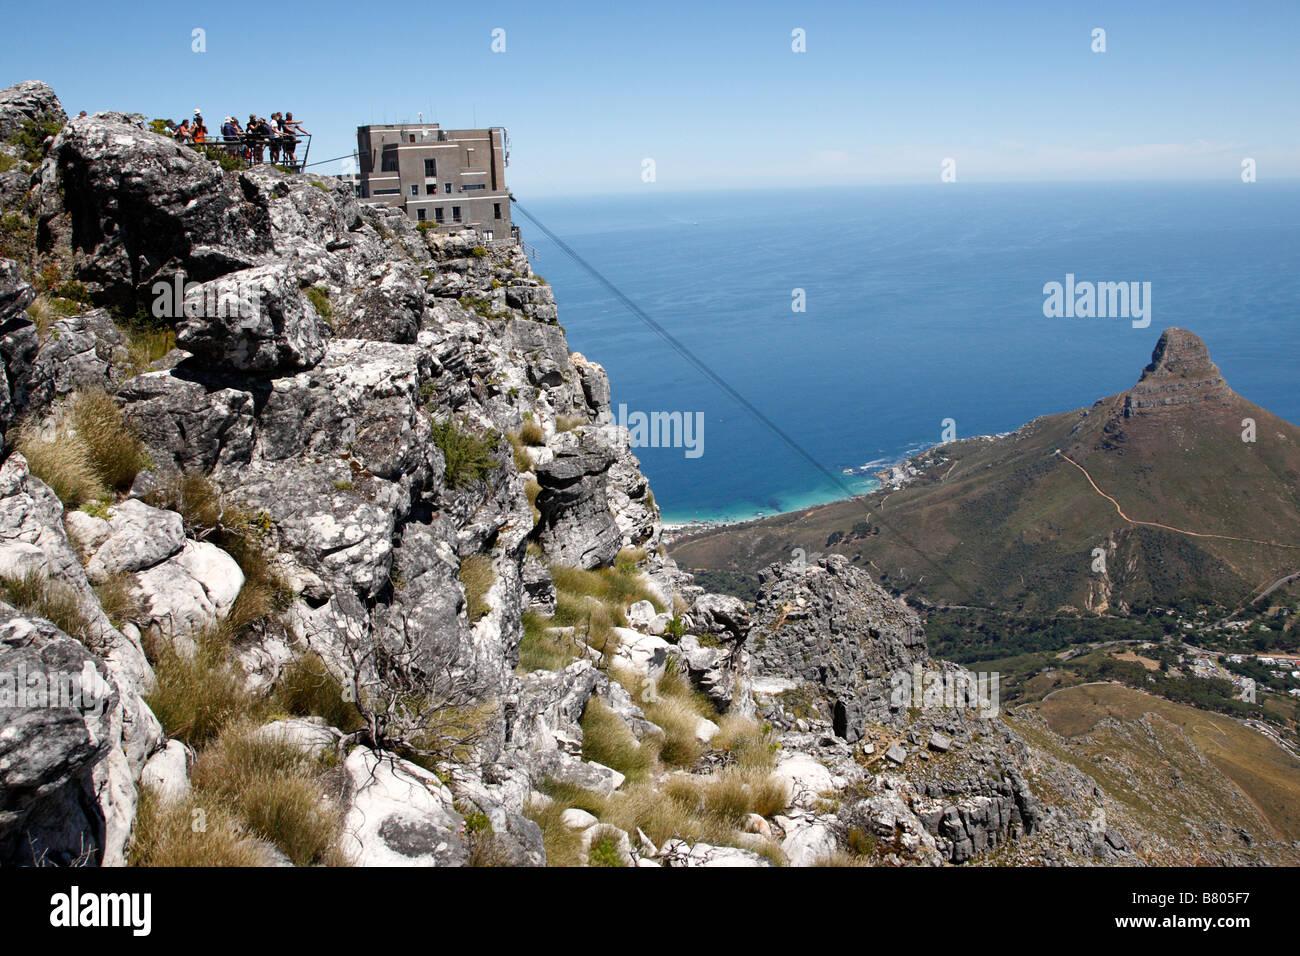 Table Top Mountain South Africa Stock Photos Table Top Mountain - Table top mountain south africa